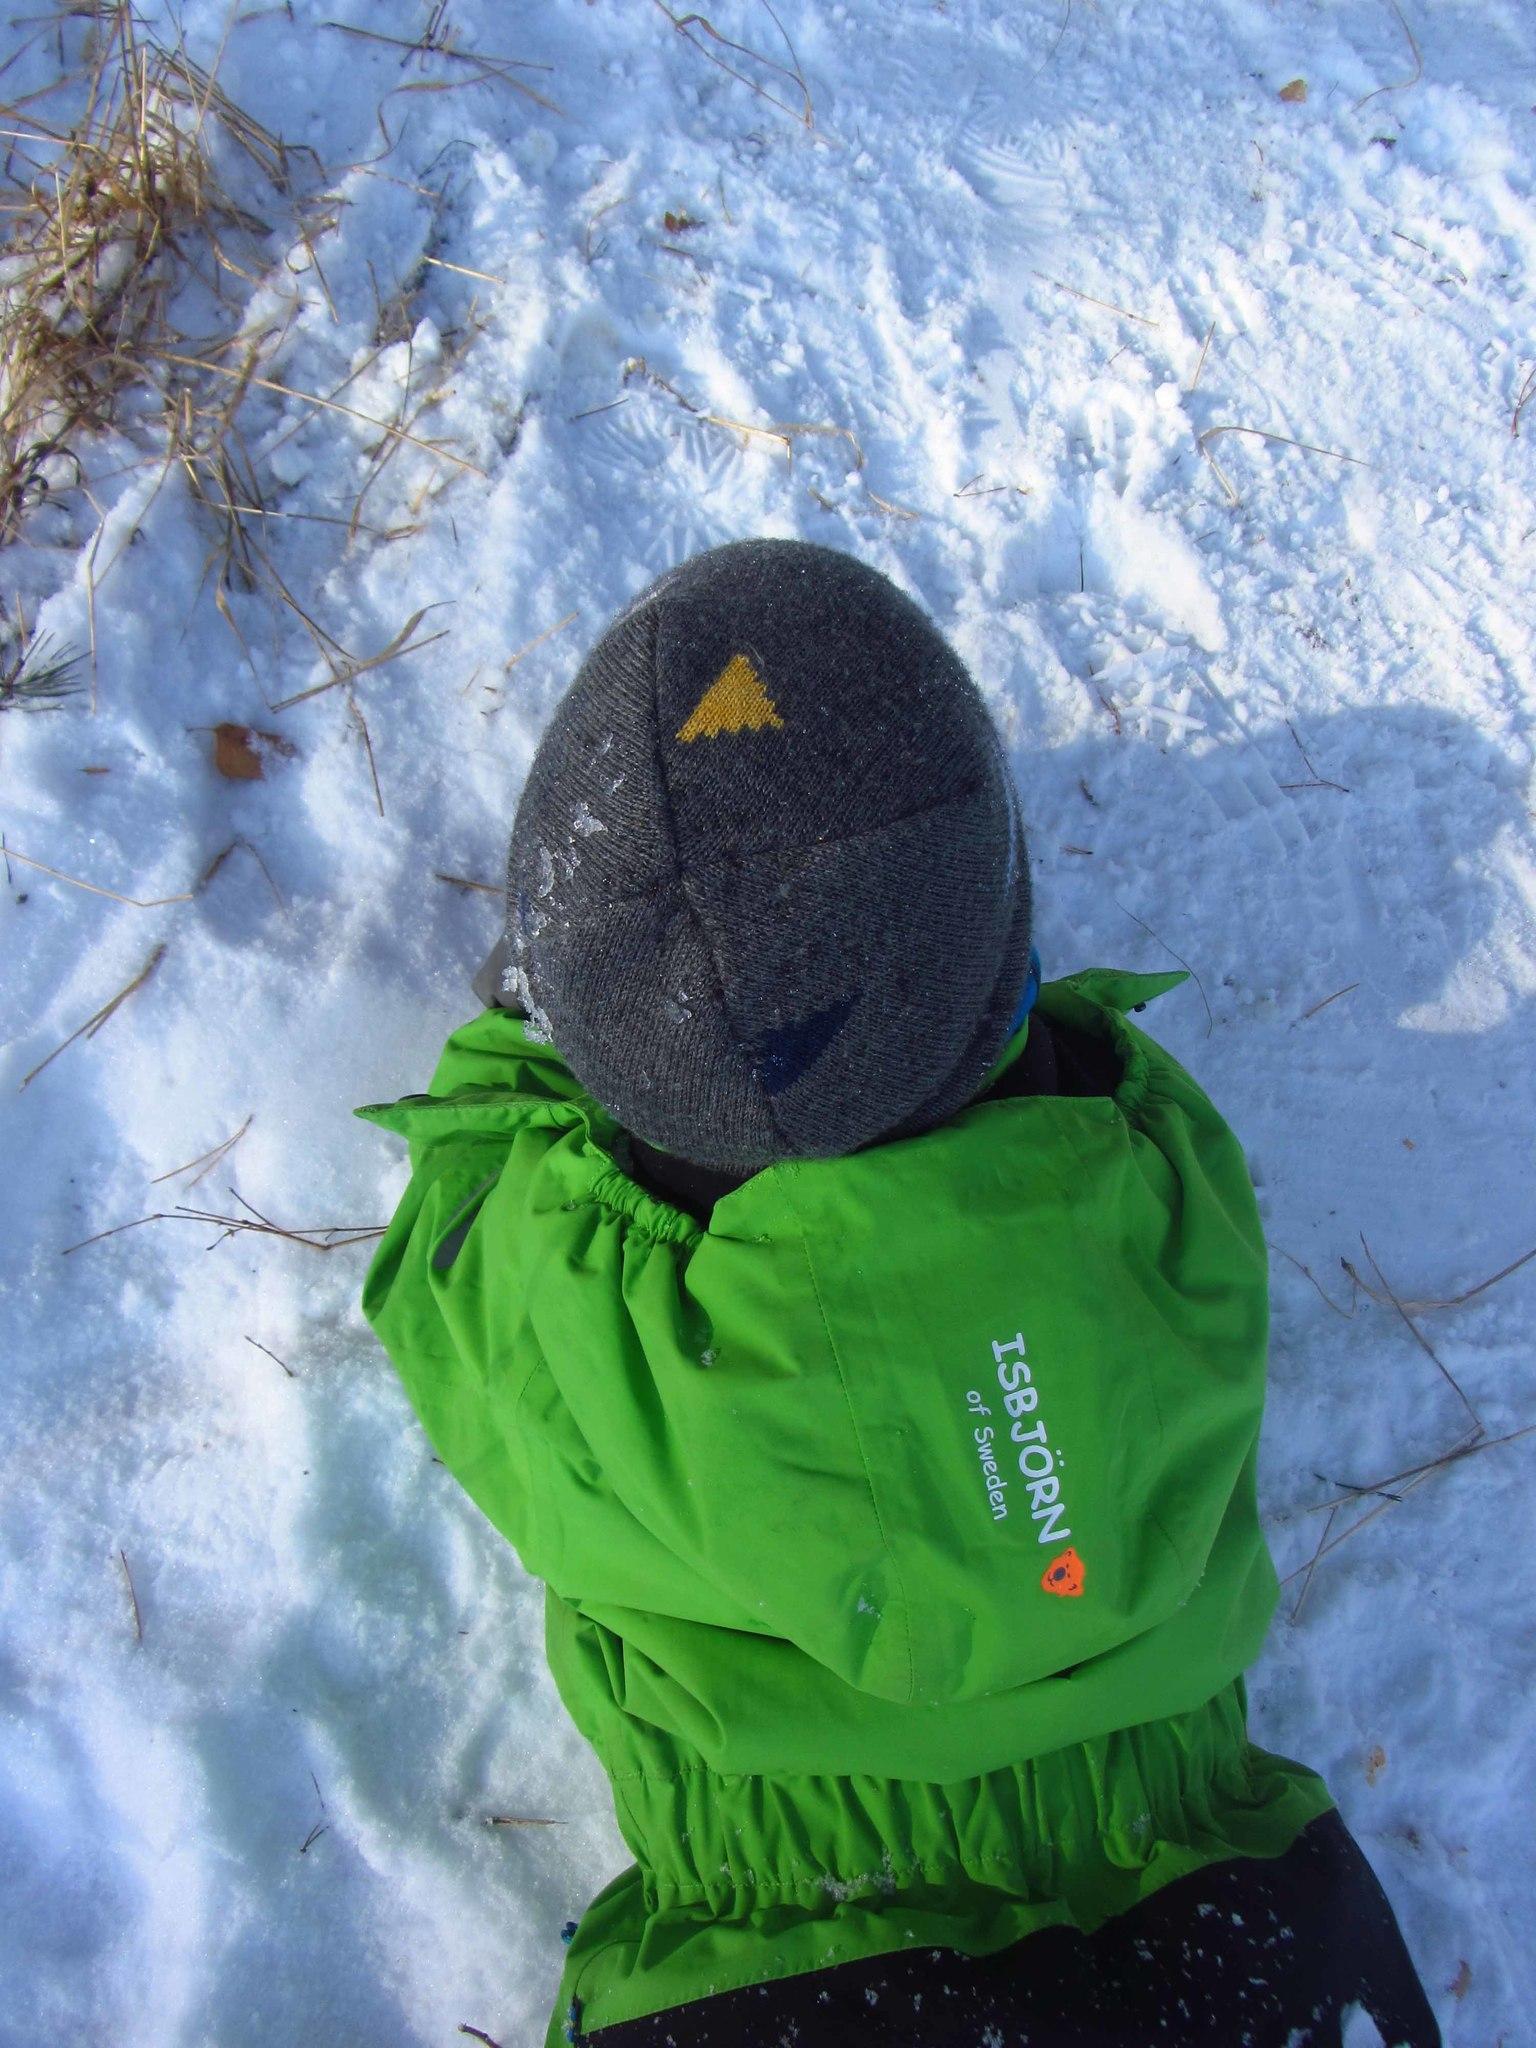 Зимняя шапка Satila Roldy, размер 56. Окружность головы модели 54 см.